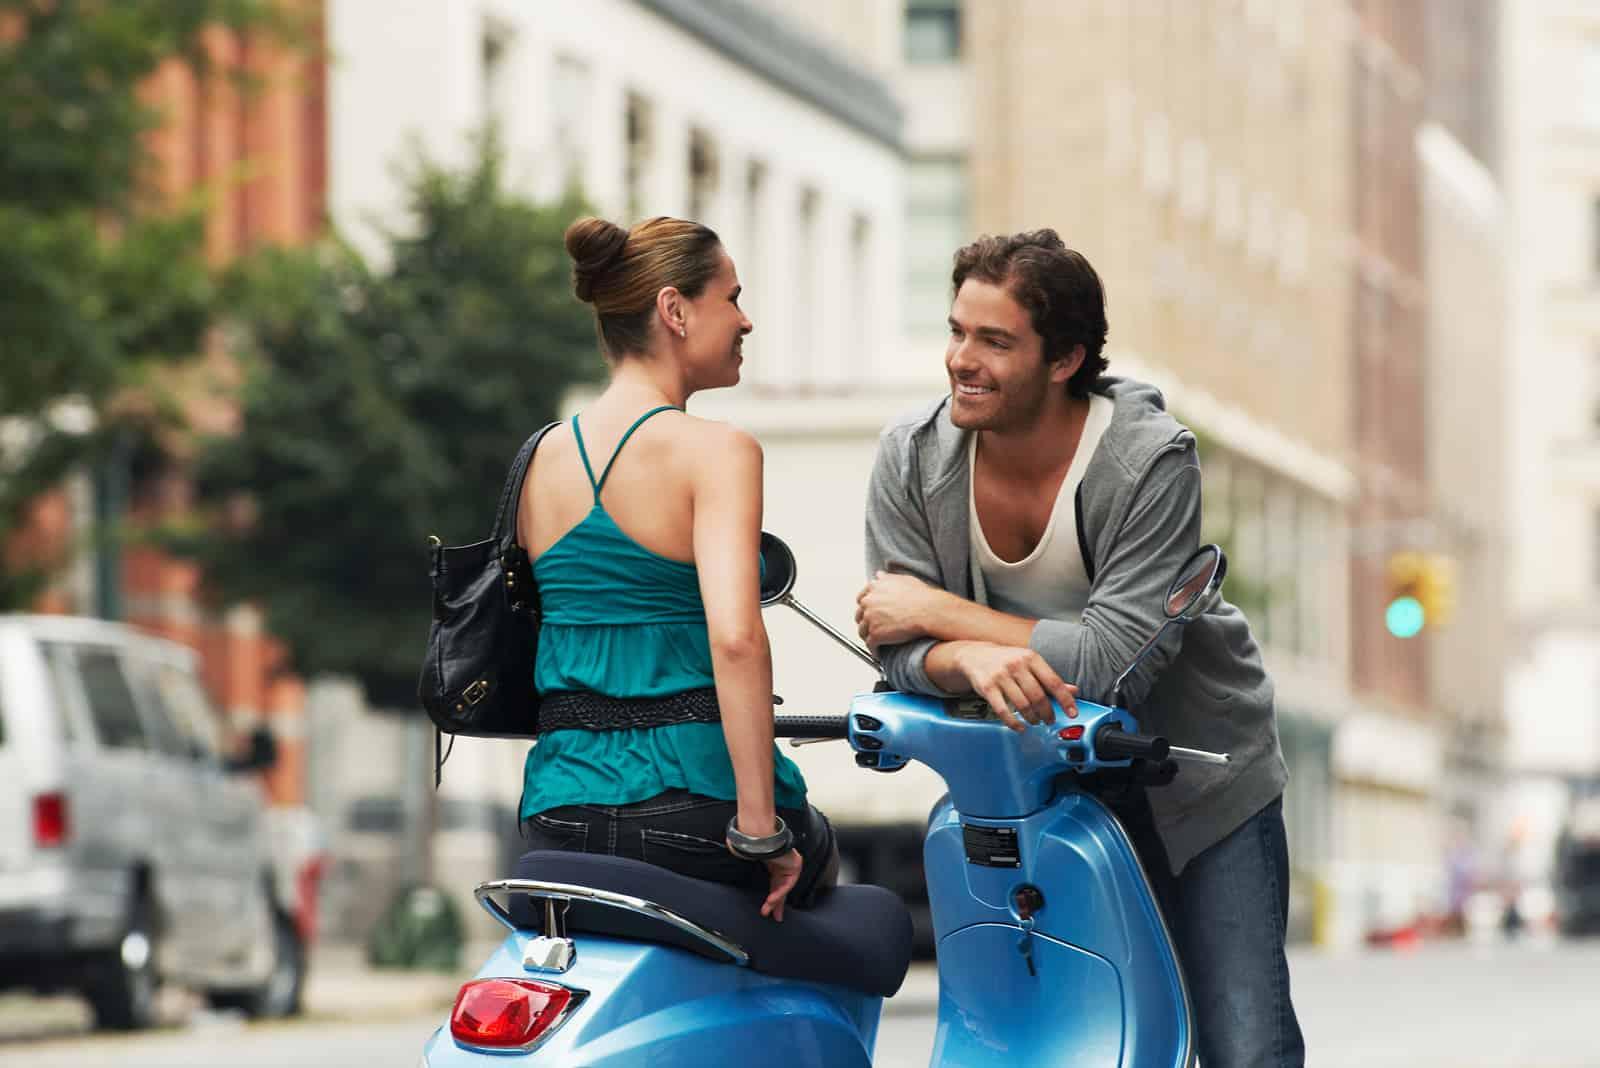 une femme assise sur une moto tout en parlant à un homme